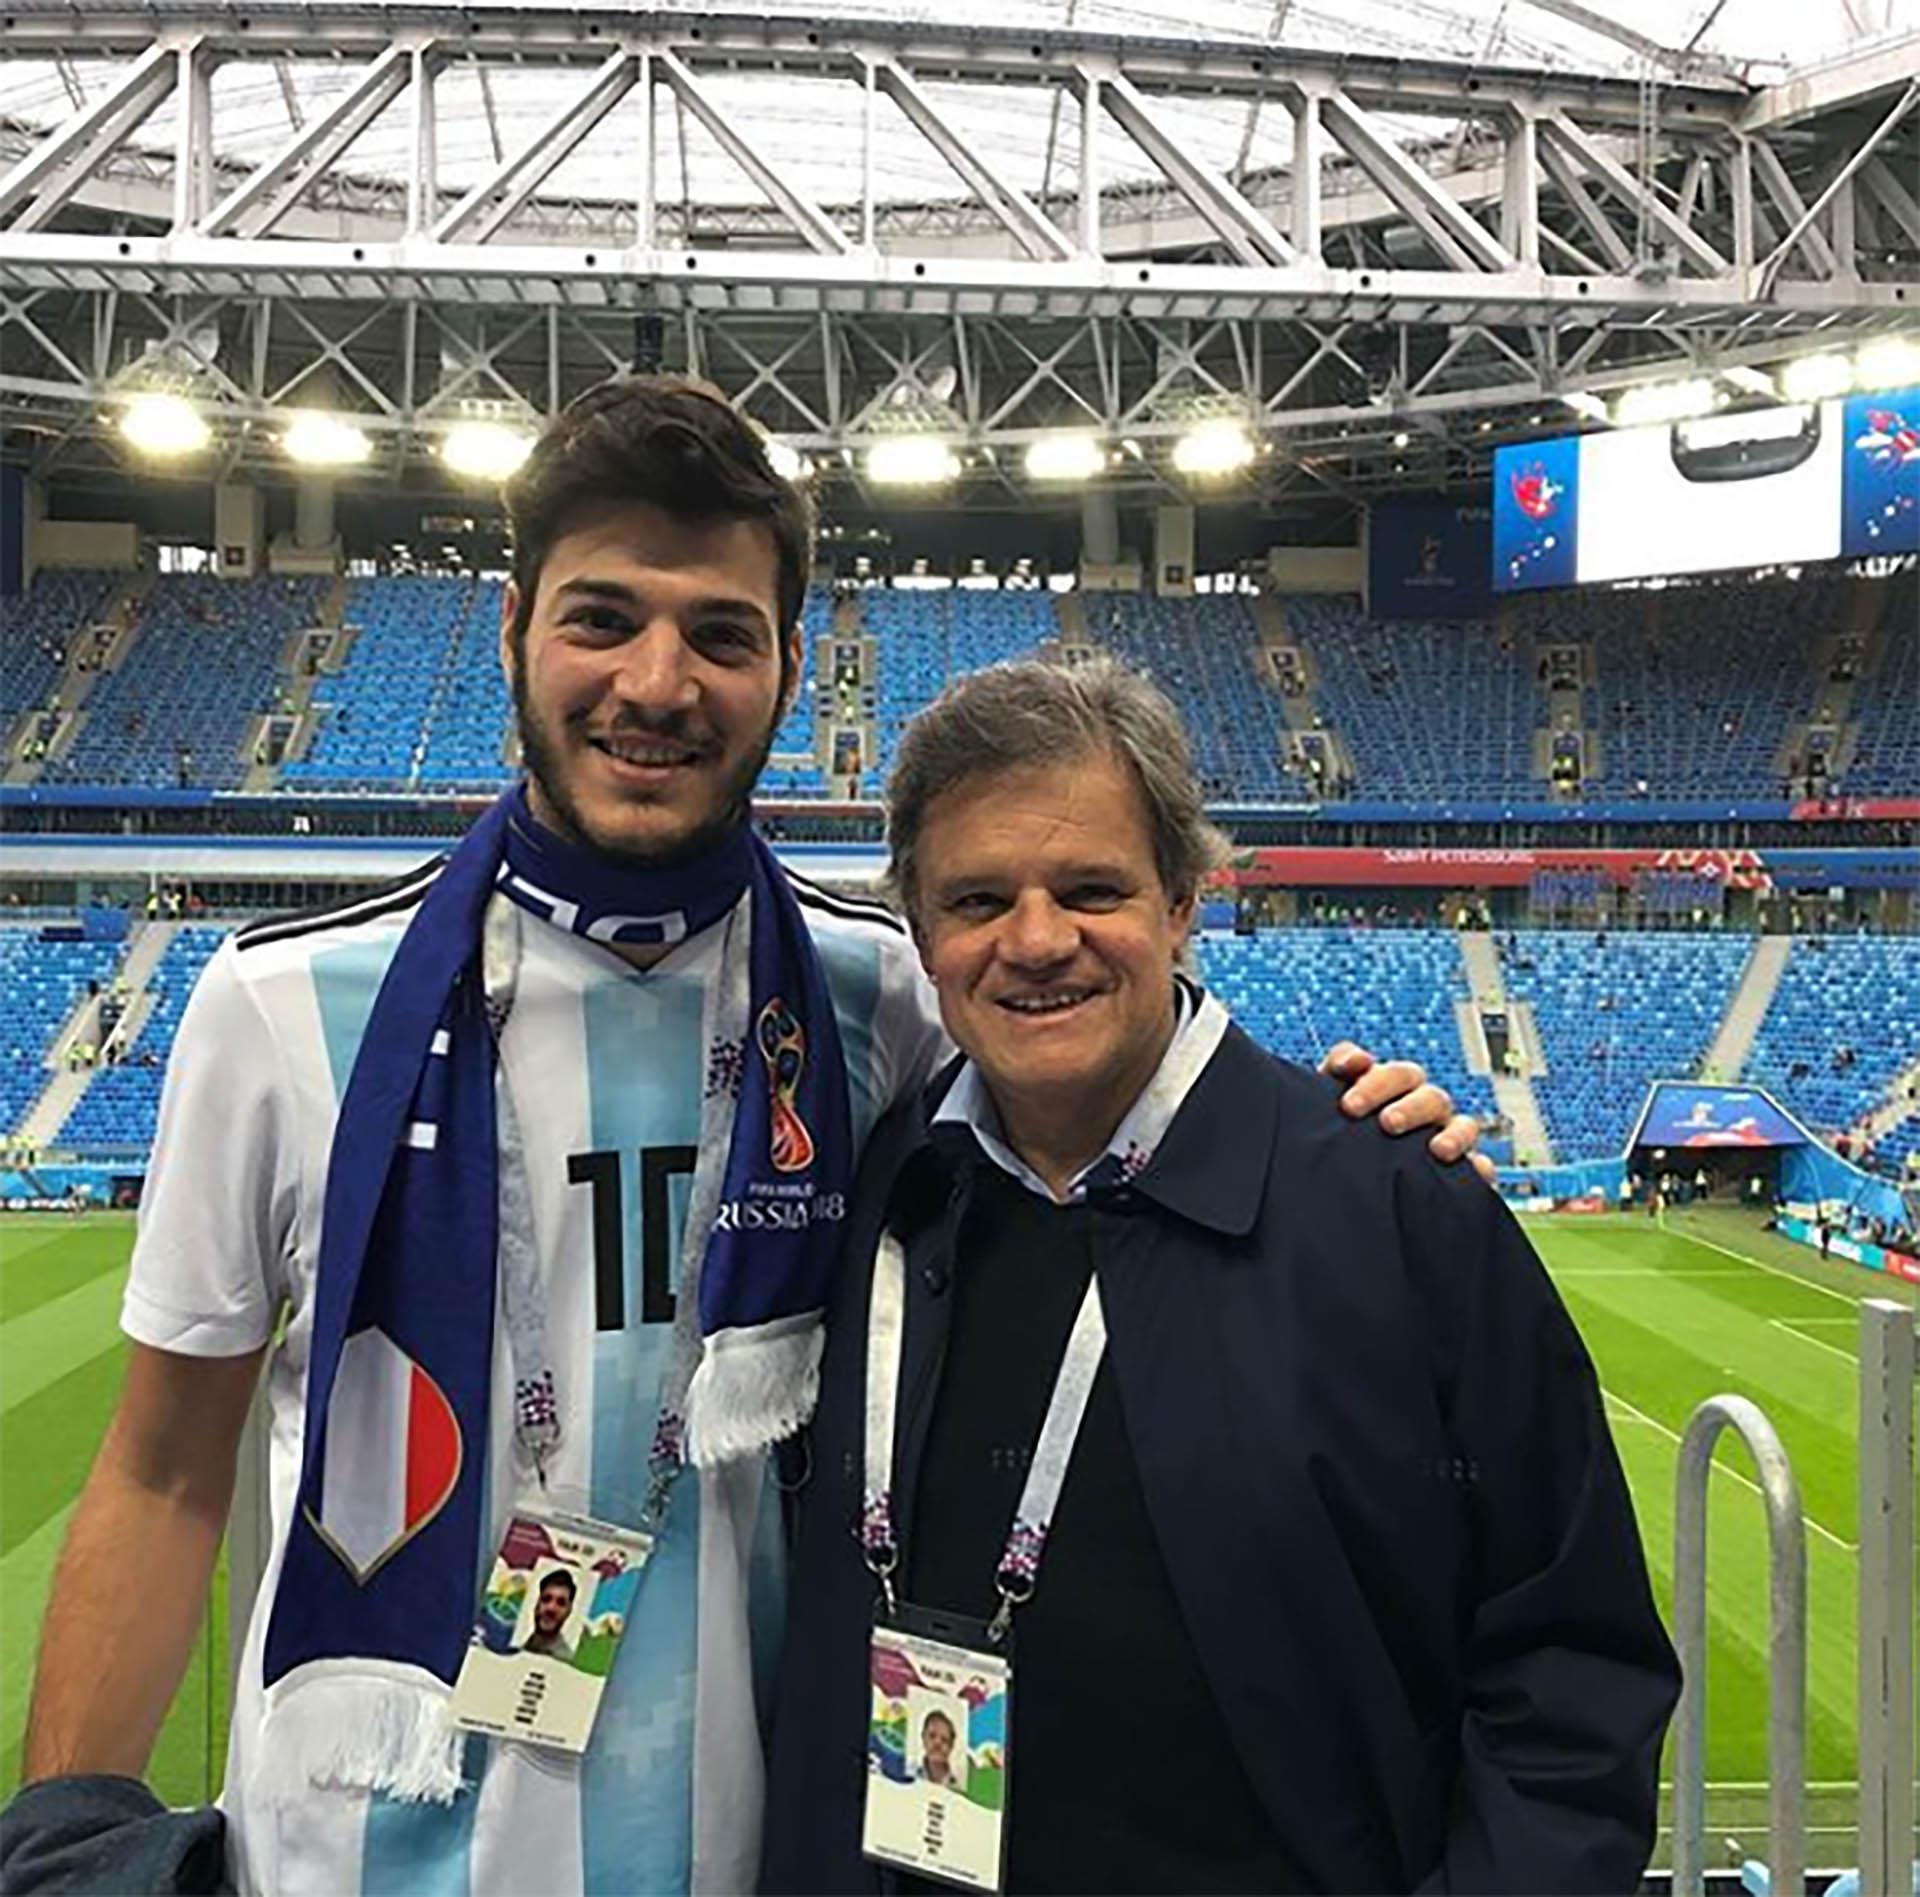 Desde Rusia, Quique Sacco posó con Agustín Funes, el hijo de Débora Pérez Volpin. El periodista tiene un fuerte vínculo con el hijo de su pareja que murió hace cinco meses (Instagram)